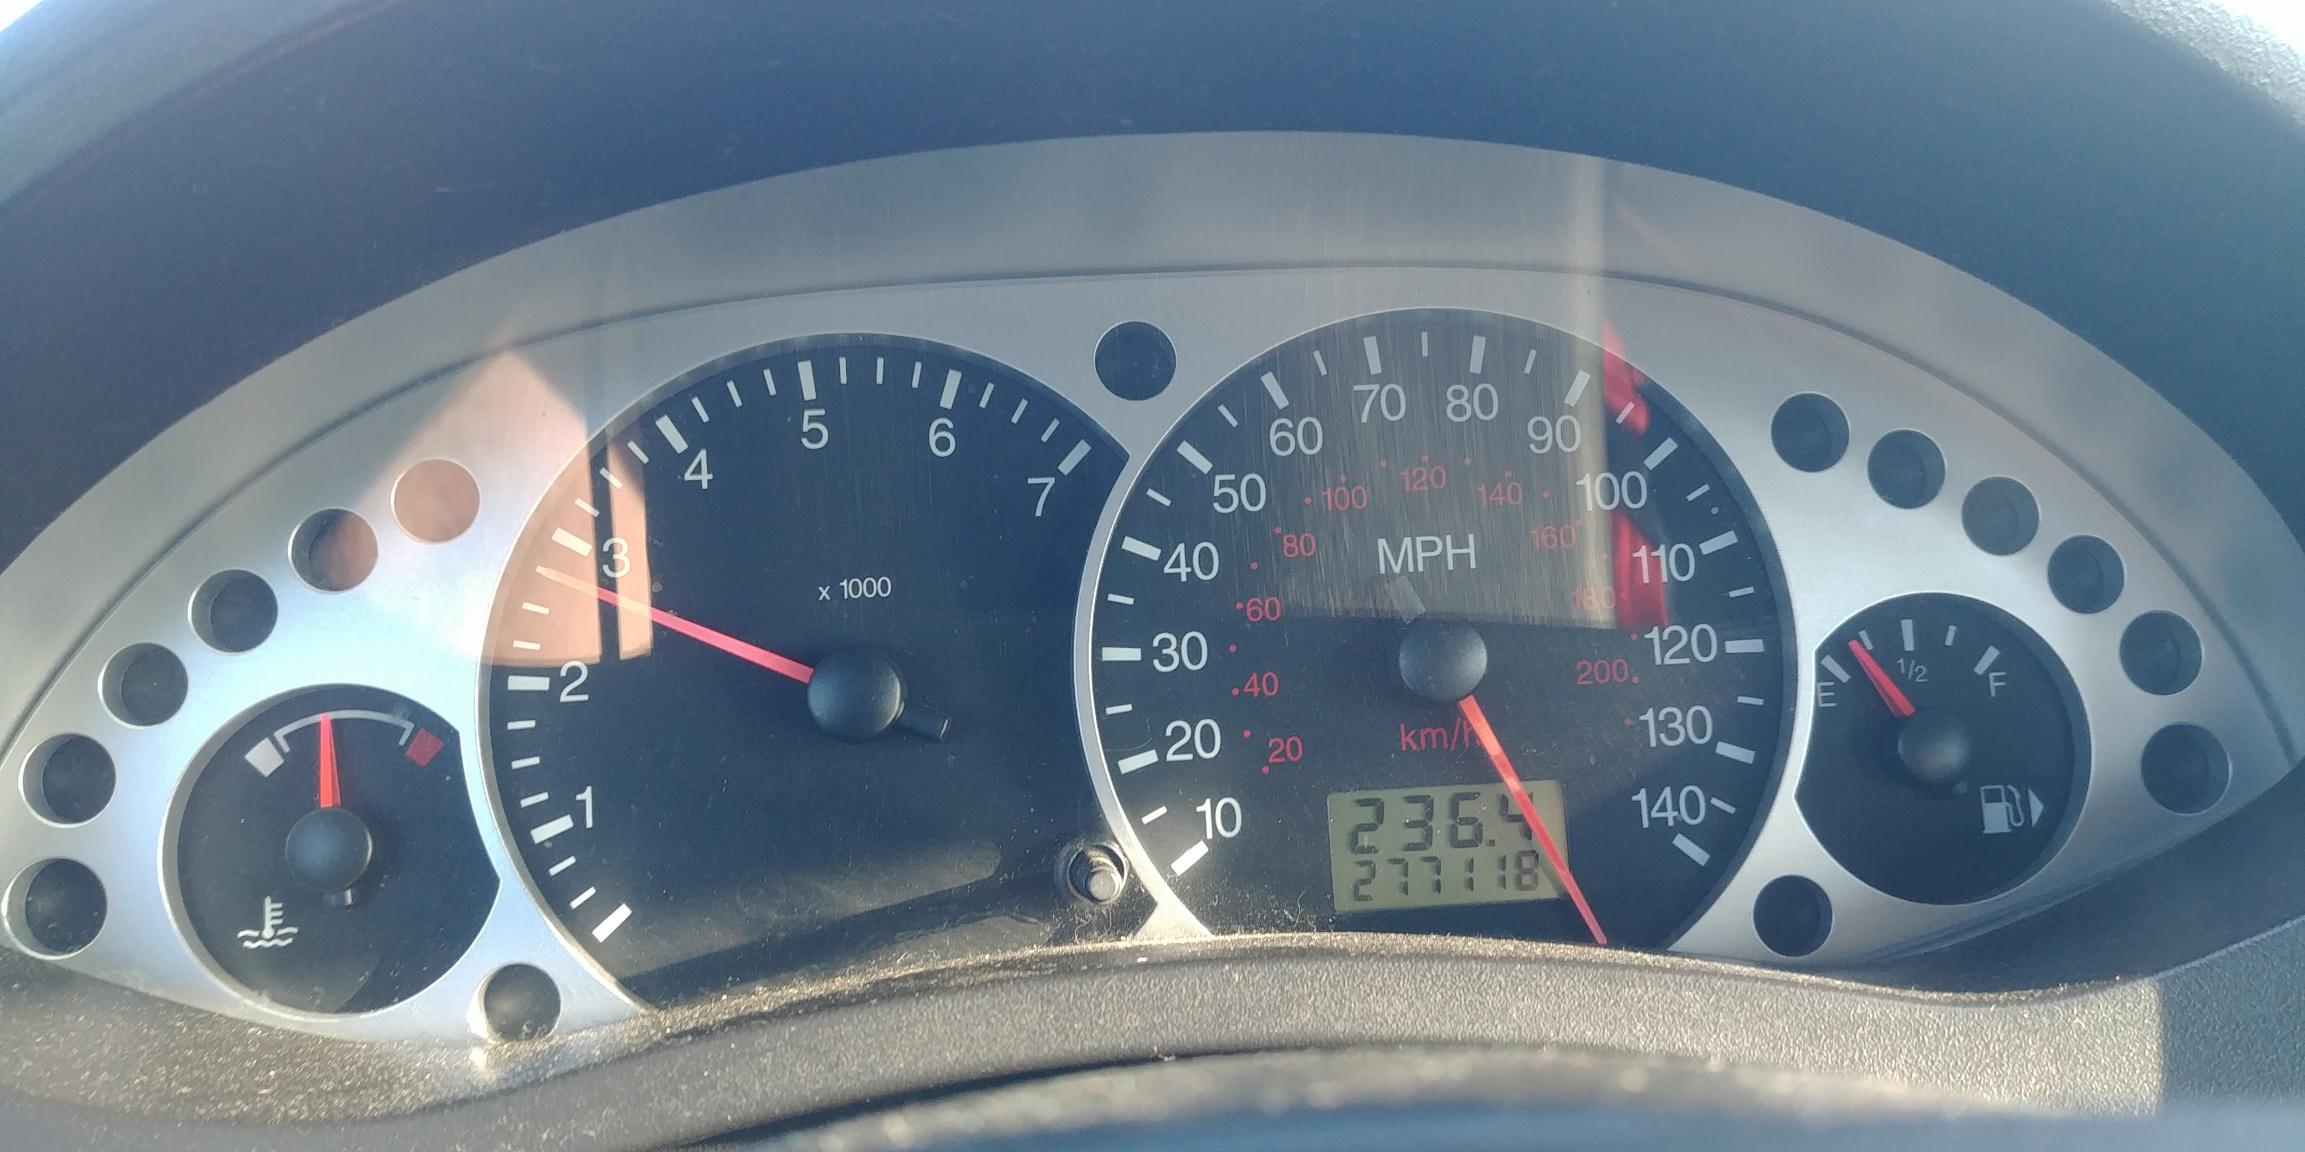 Speedometer issue ZX4 ST-20190809_075049-1-.jpg